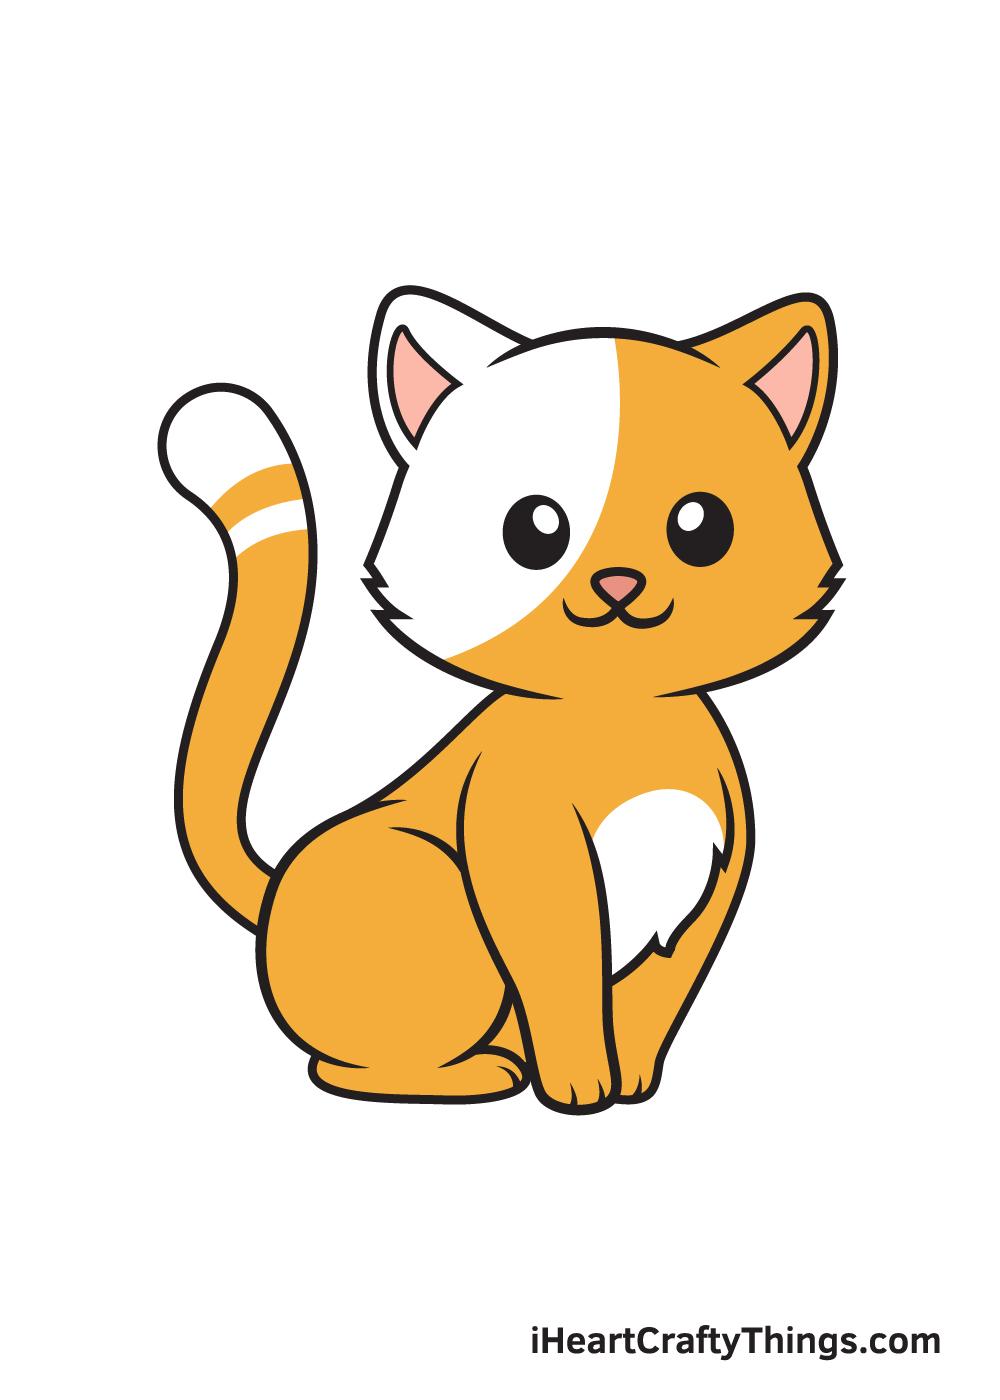 Kitten Drawing – 9 Steps